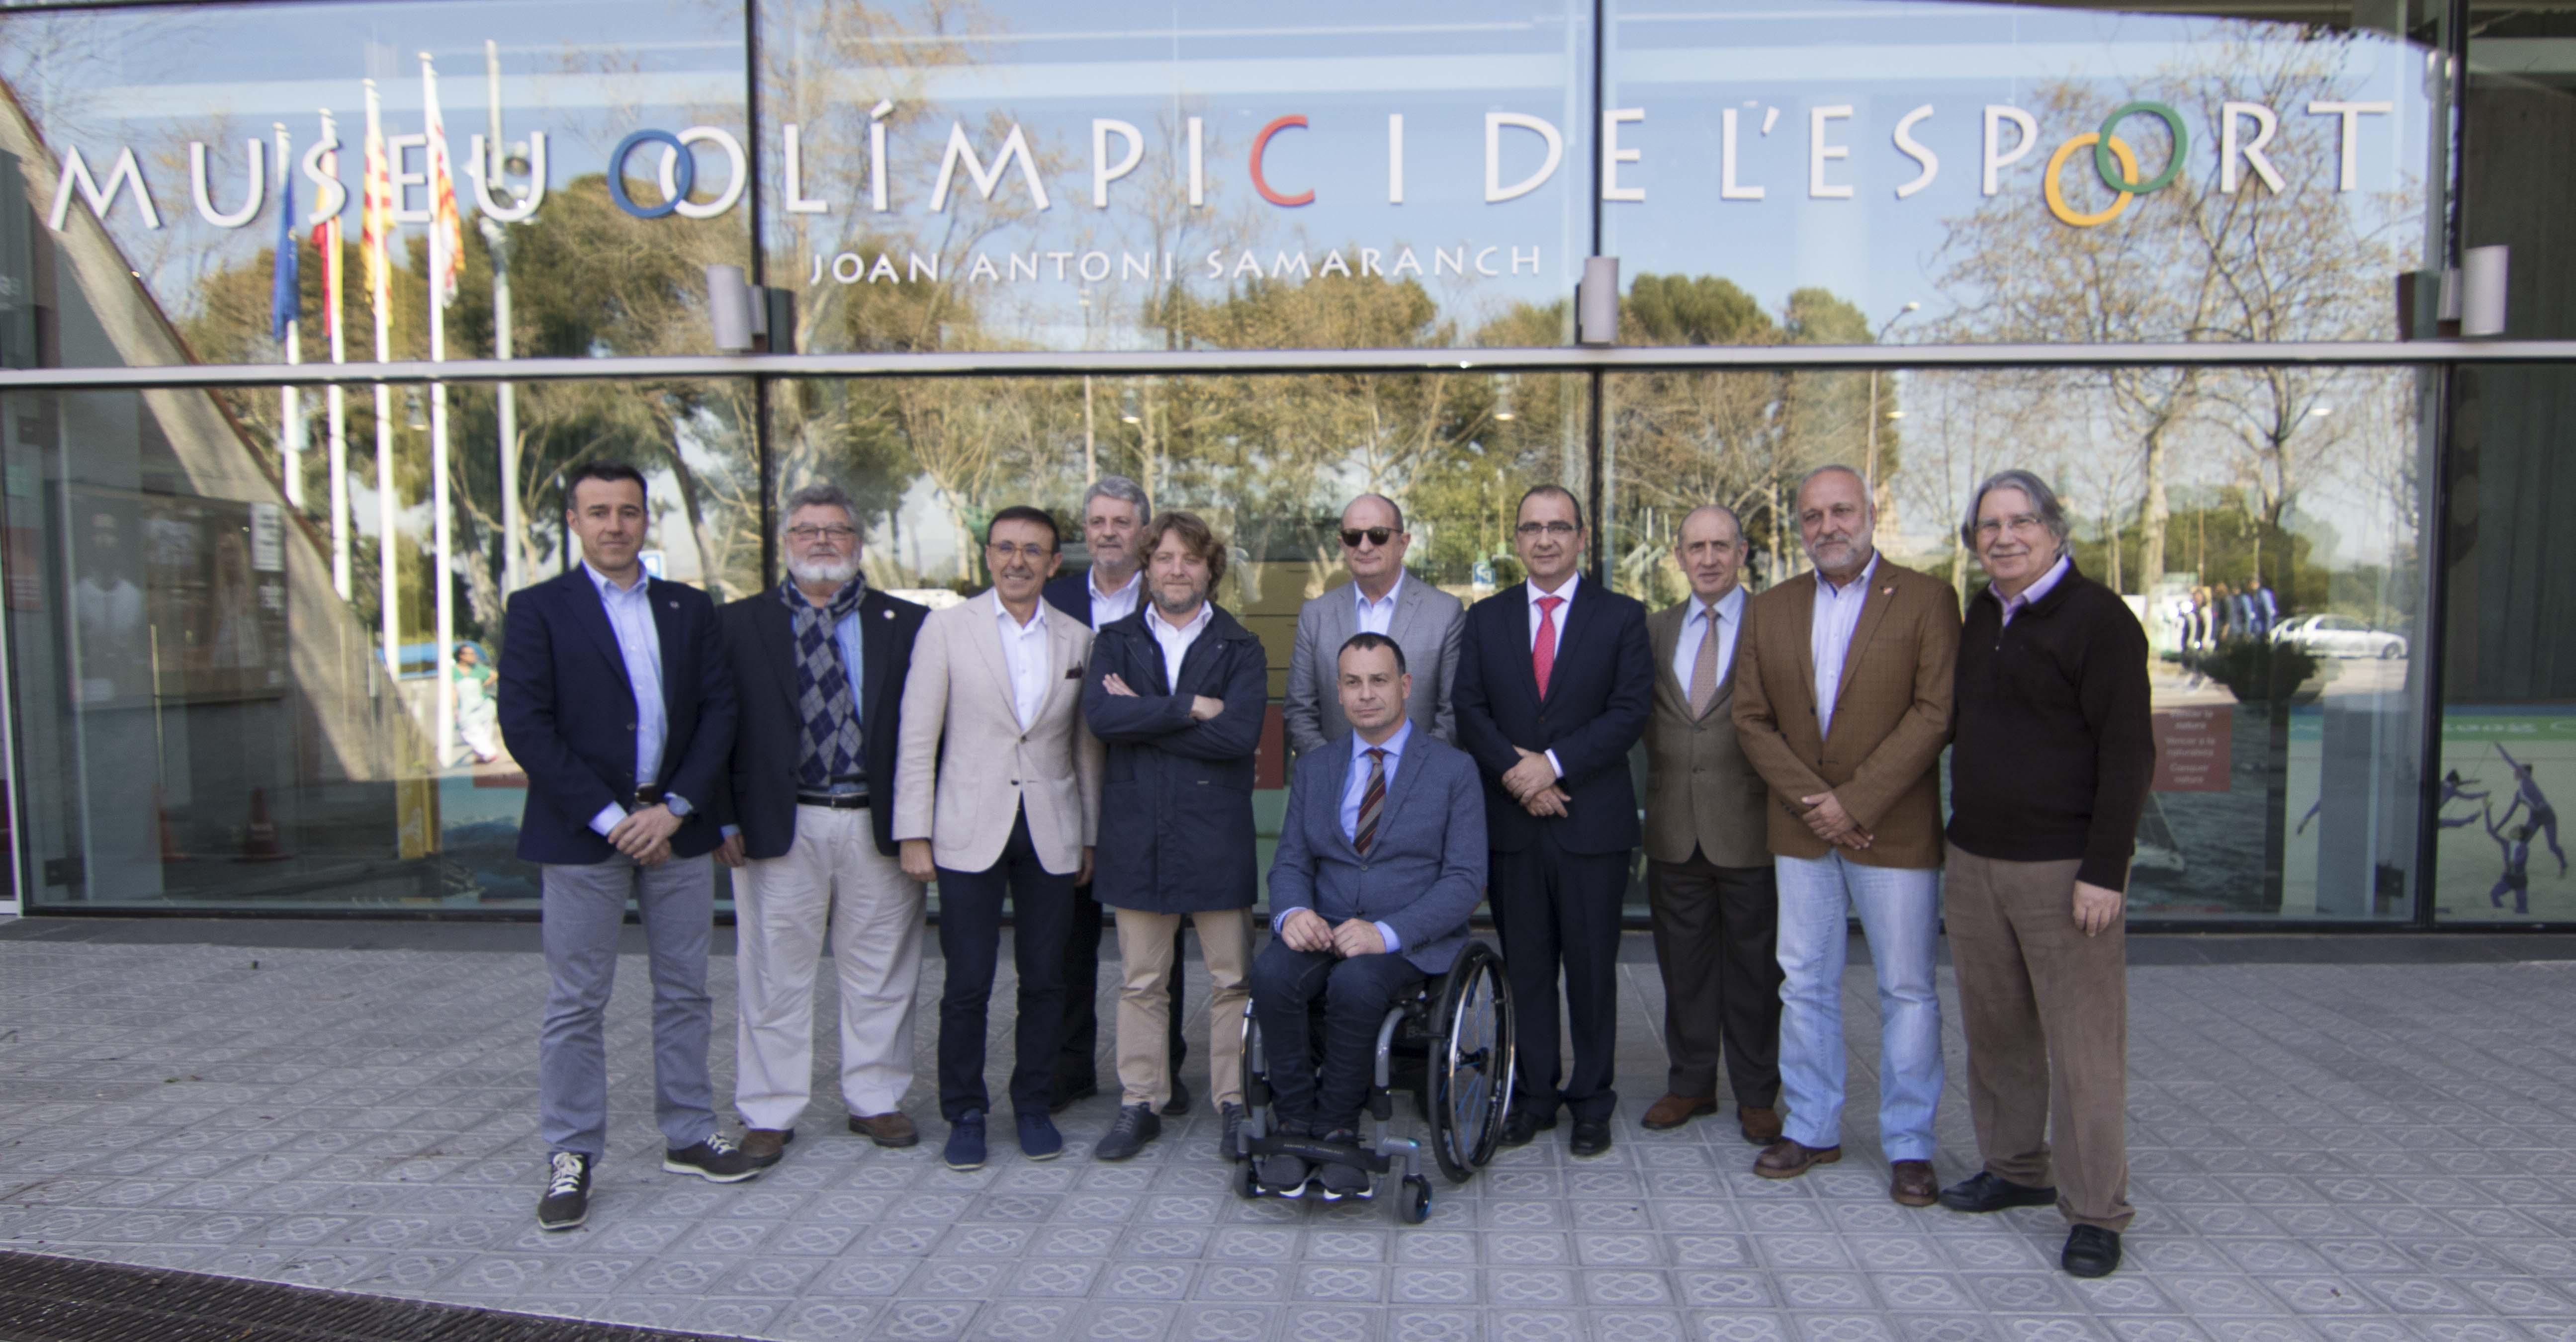 ADESP-Museu-Olimpic_2